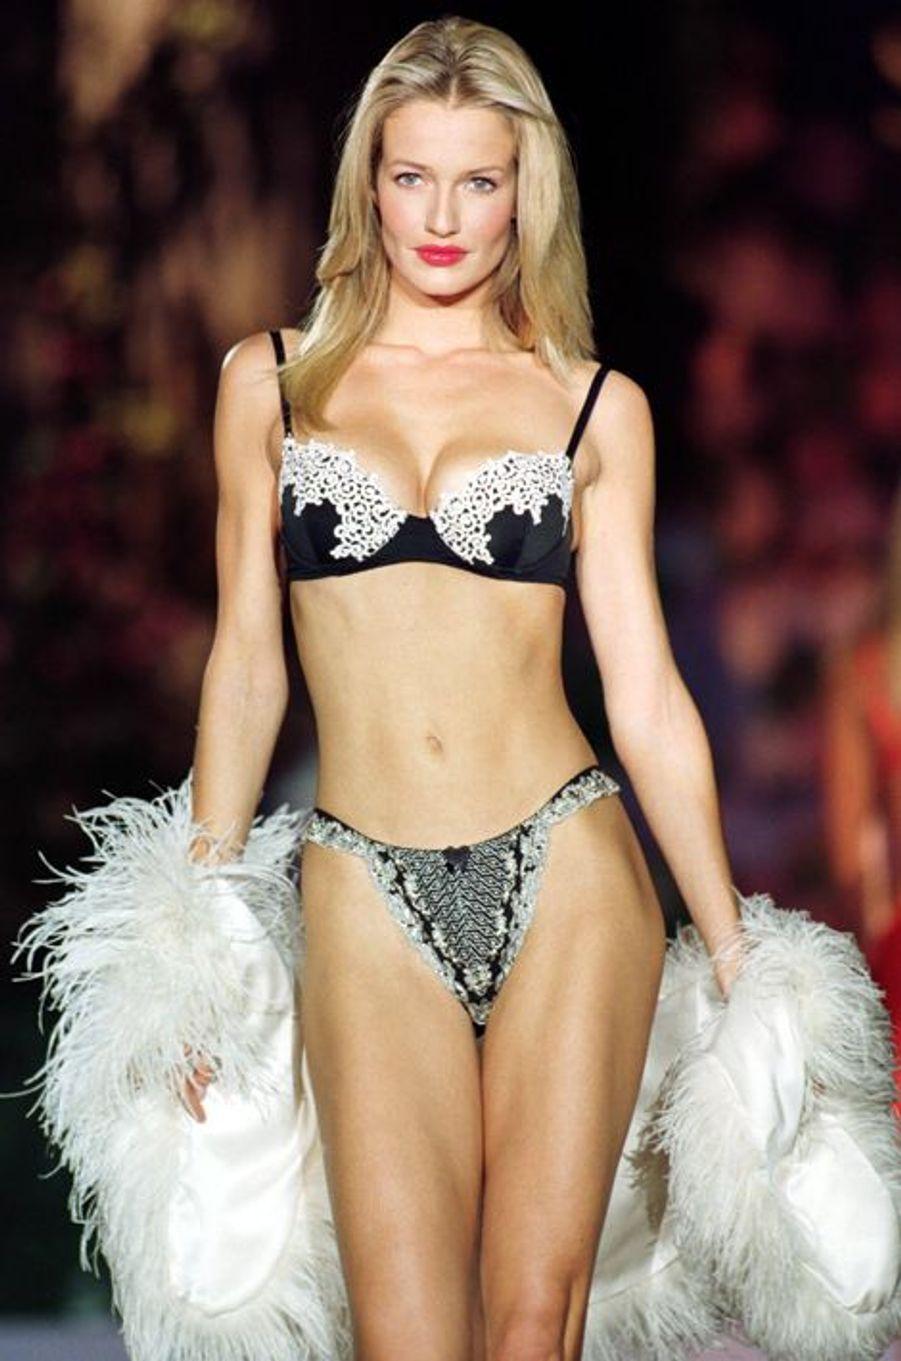 Le défilé de la marque Victoria's Secret en 1998 à New York.